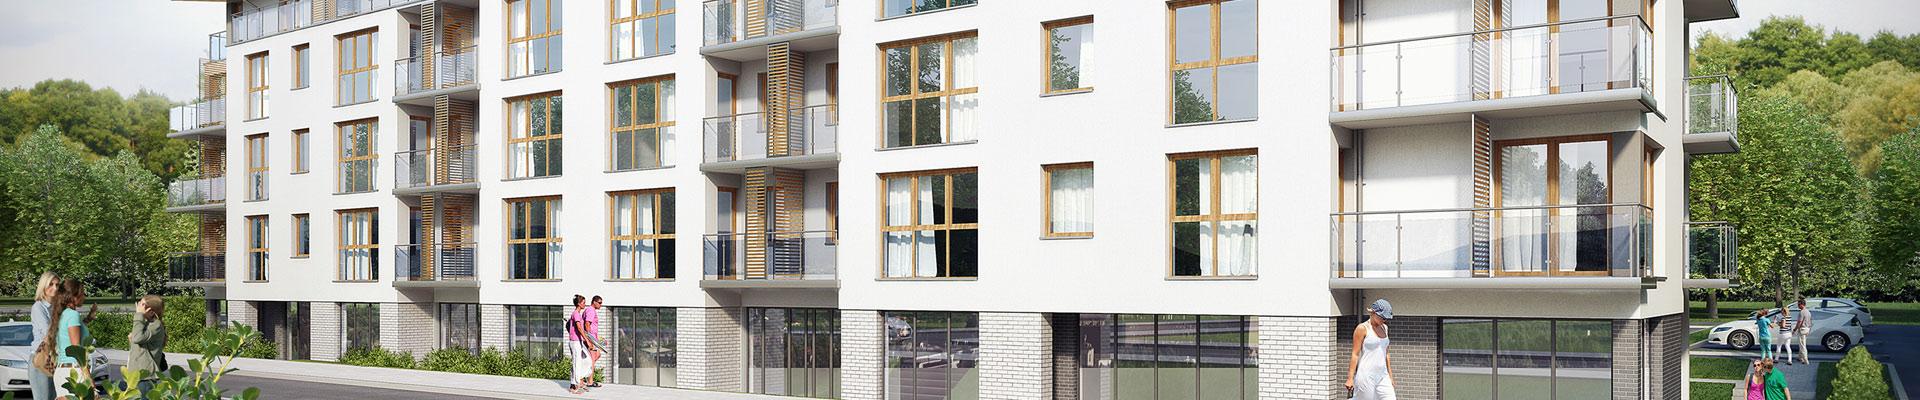 Apartamenty nad morzem, Dziwnówek